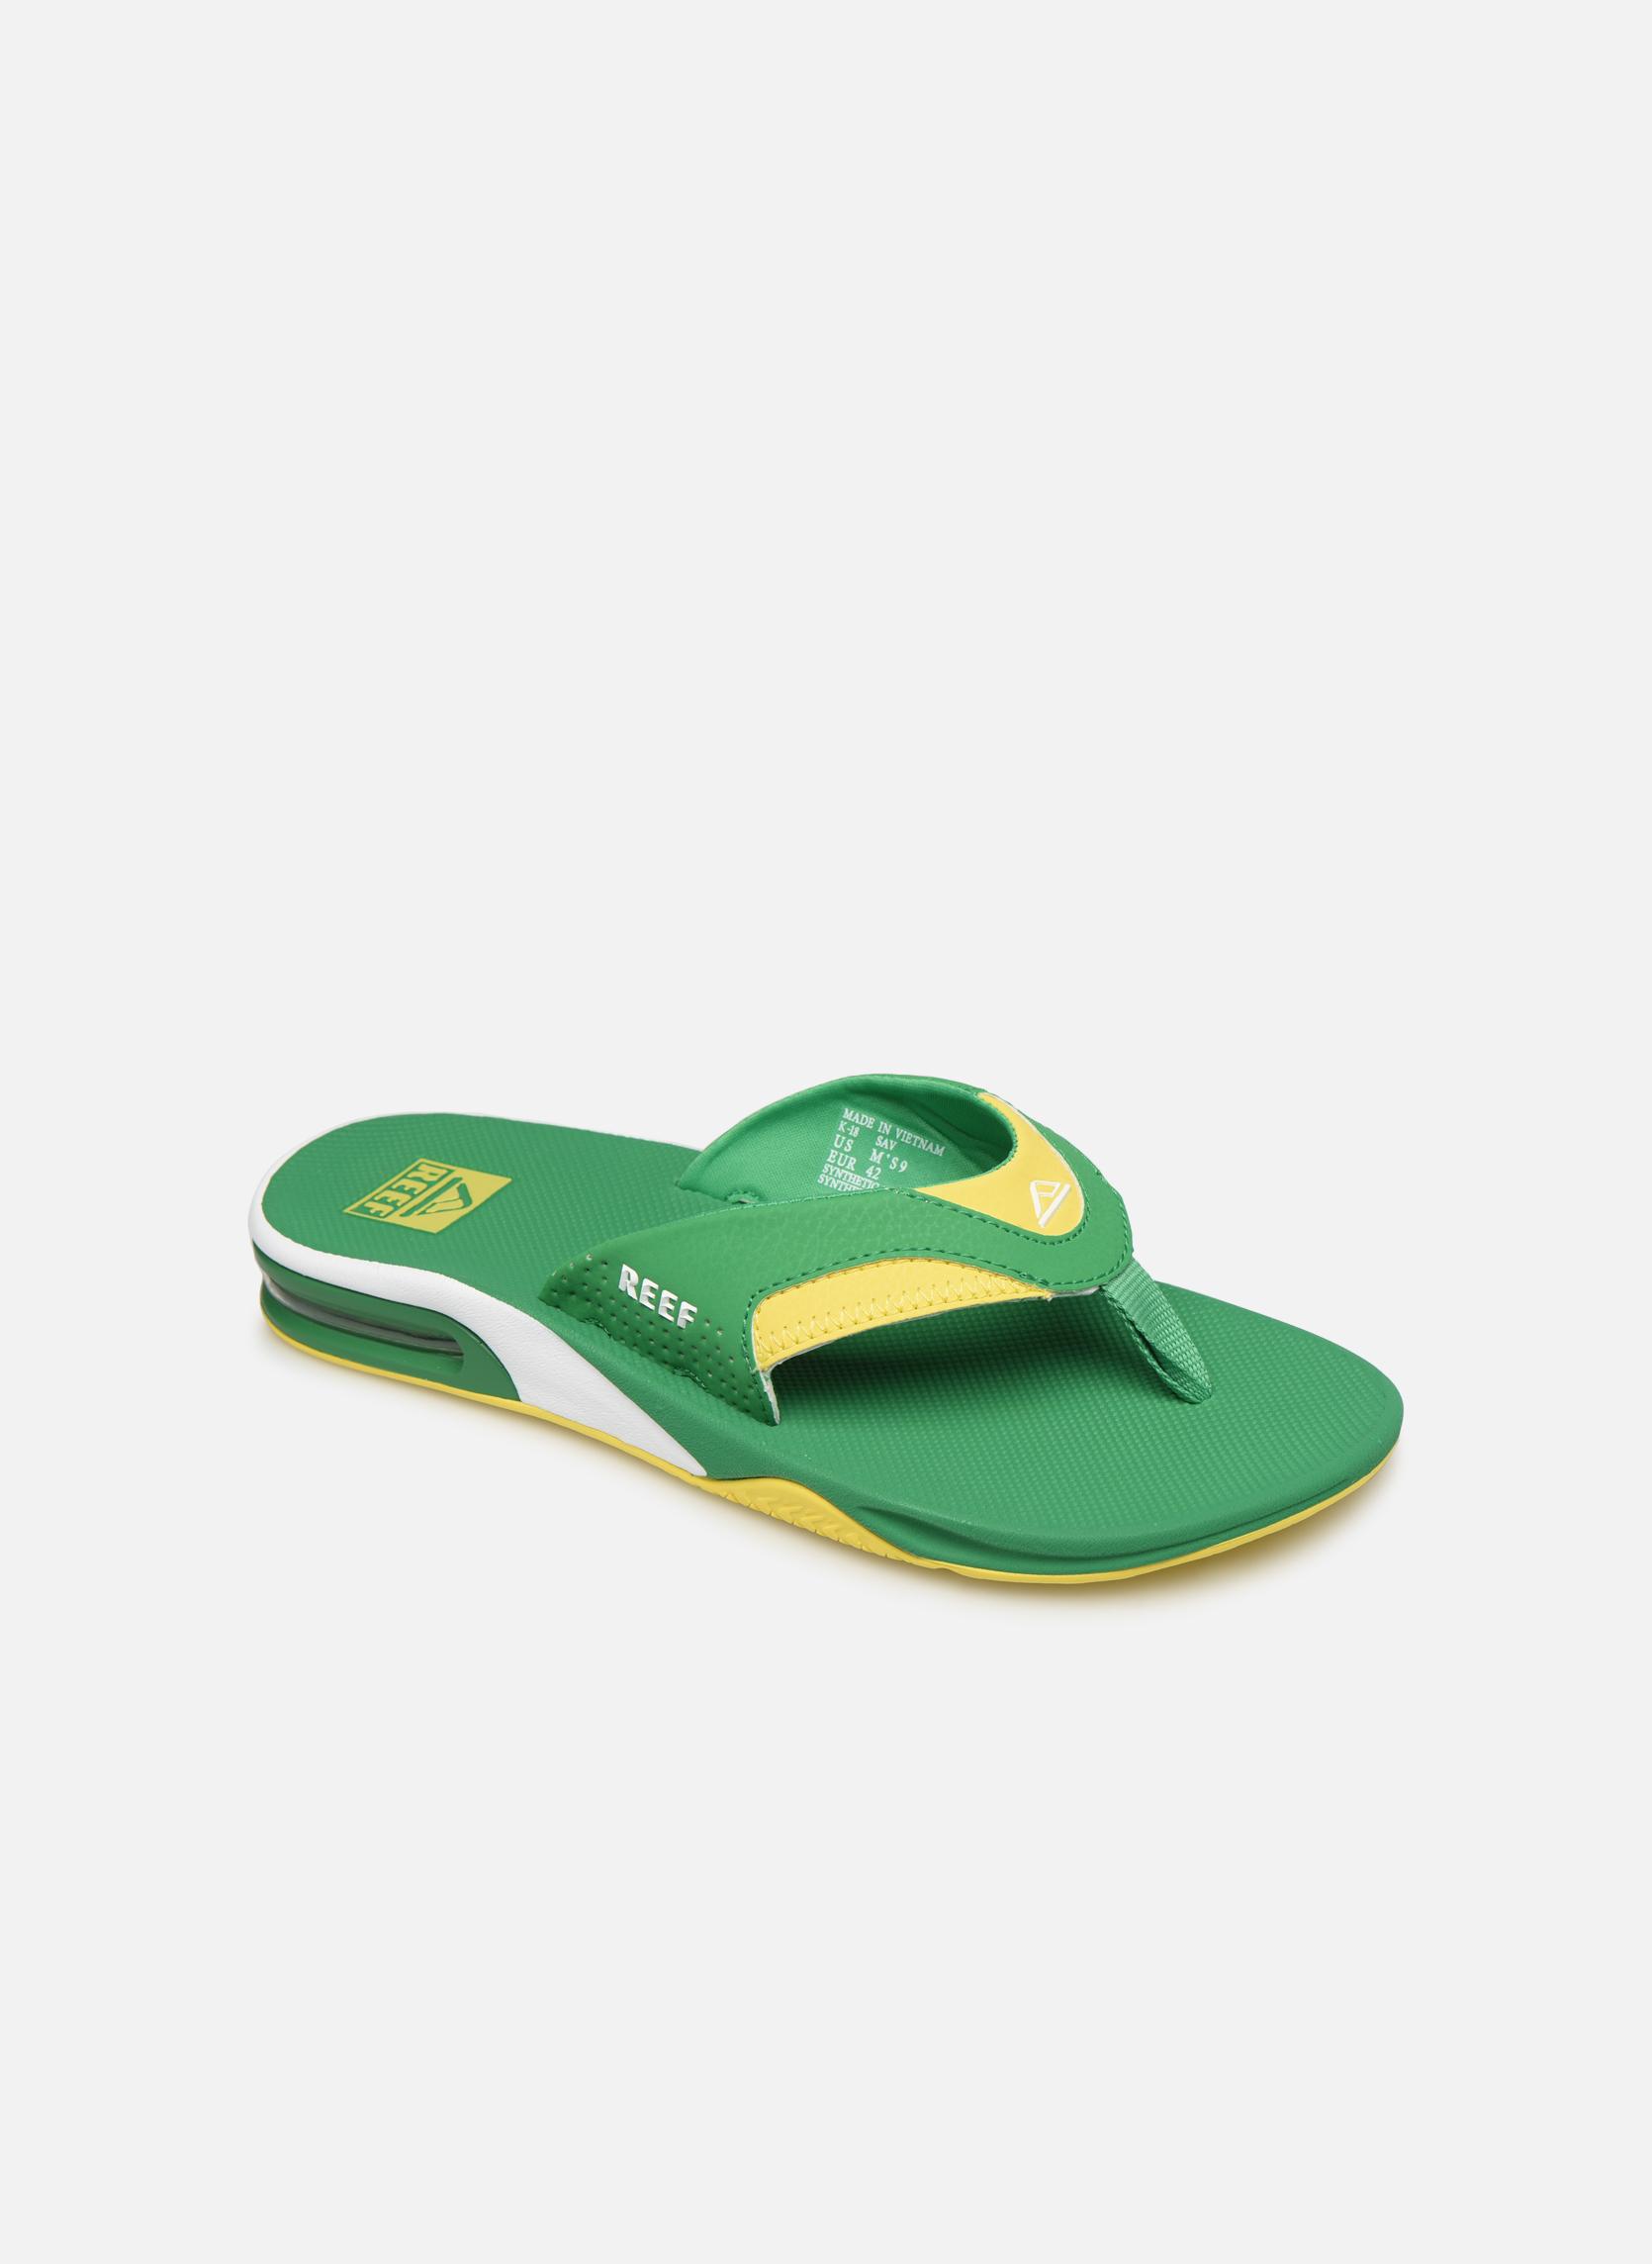 Slippers Reef Groen